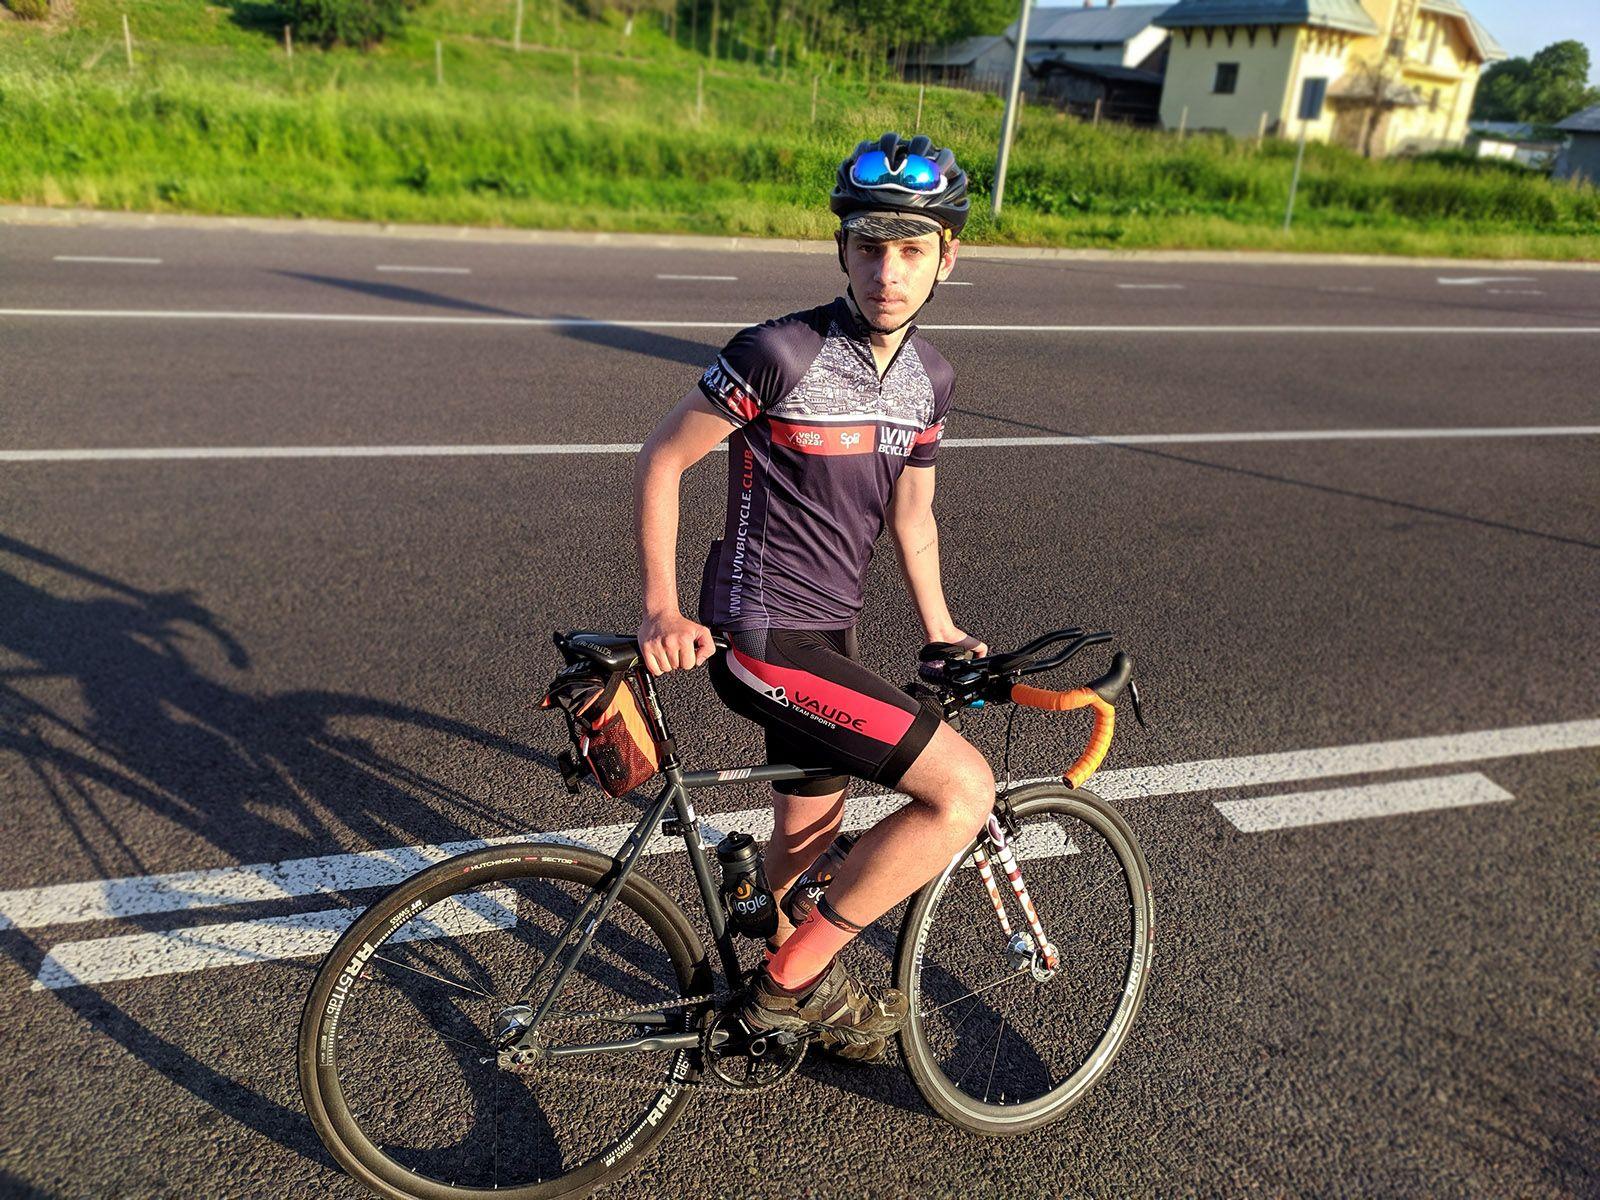 Особа, яка їде на велосипеді збоку дороги